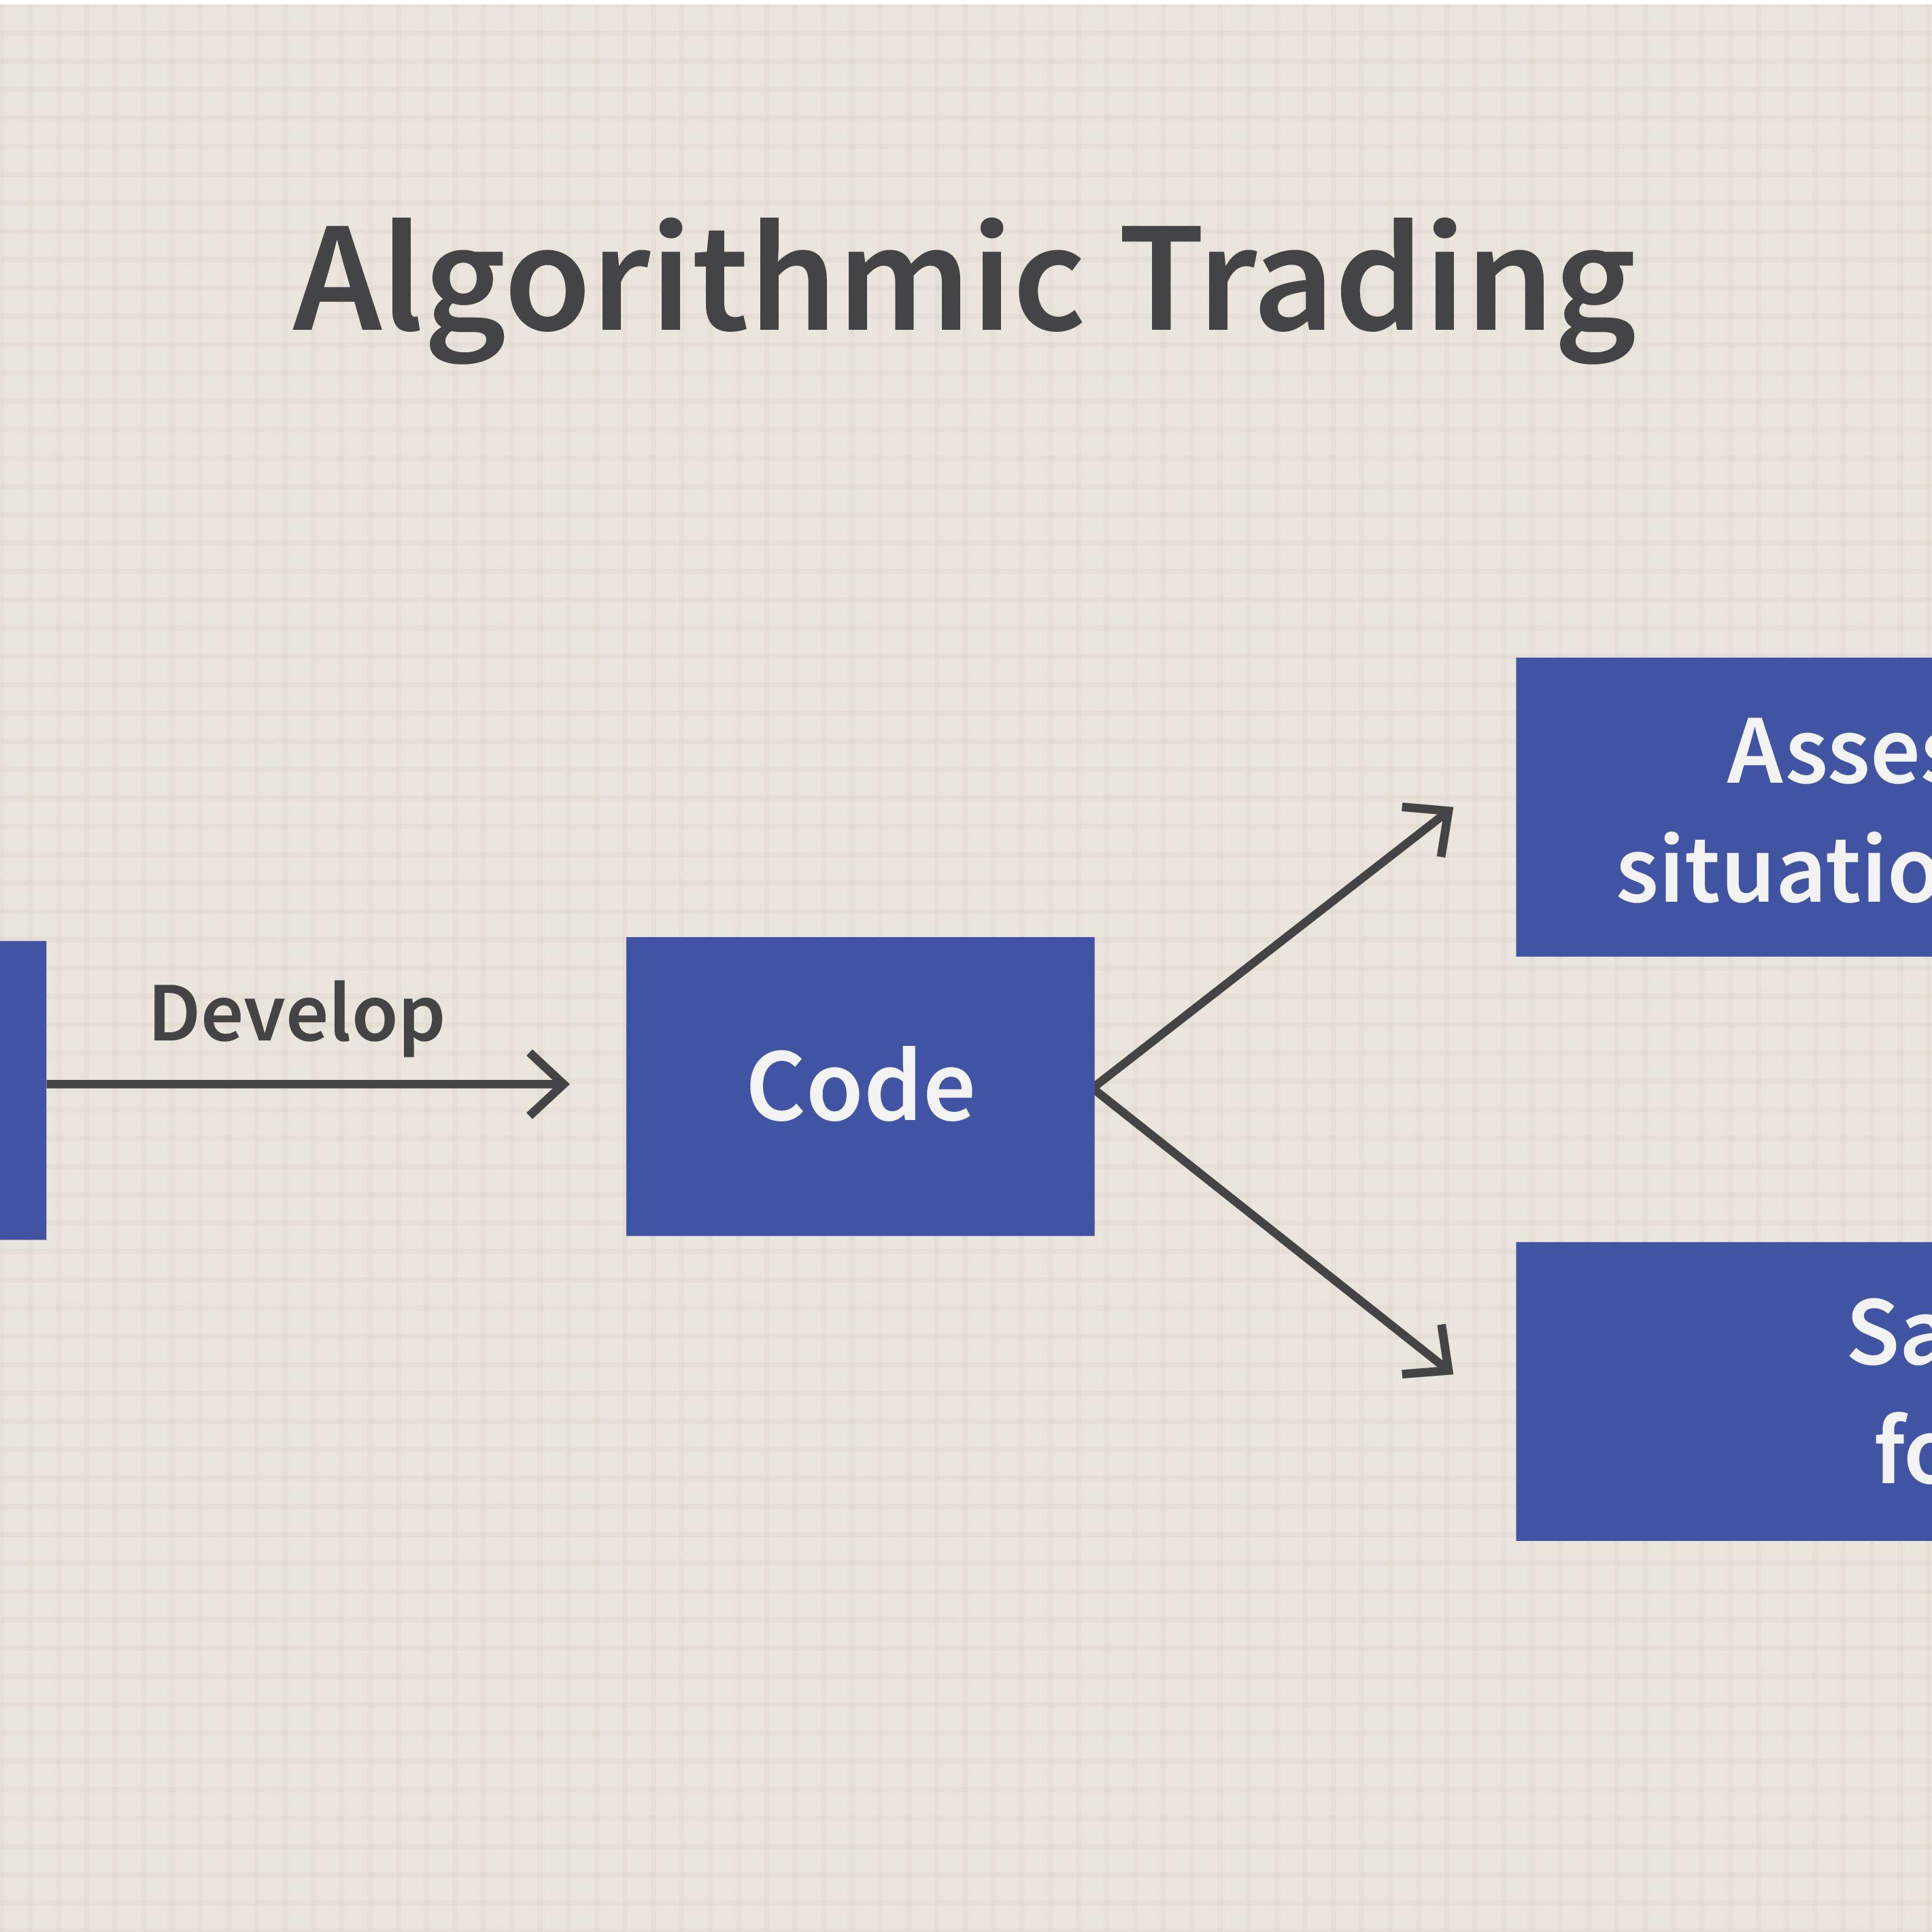 algo trading strategy code option deutsch englisch